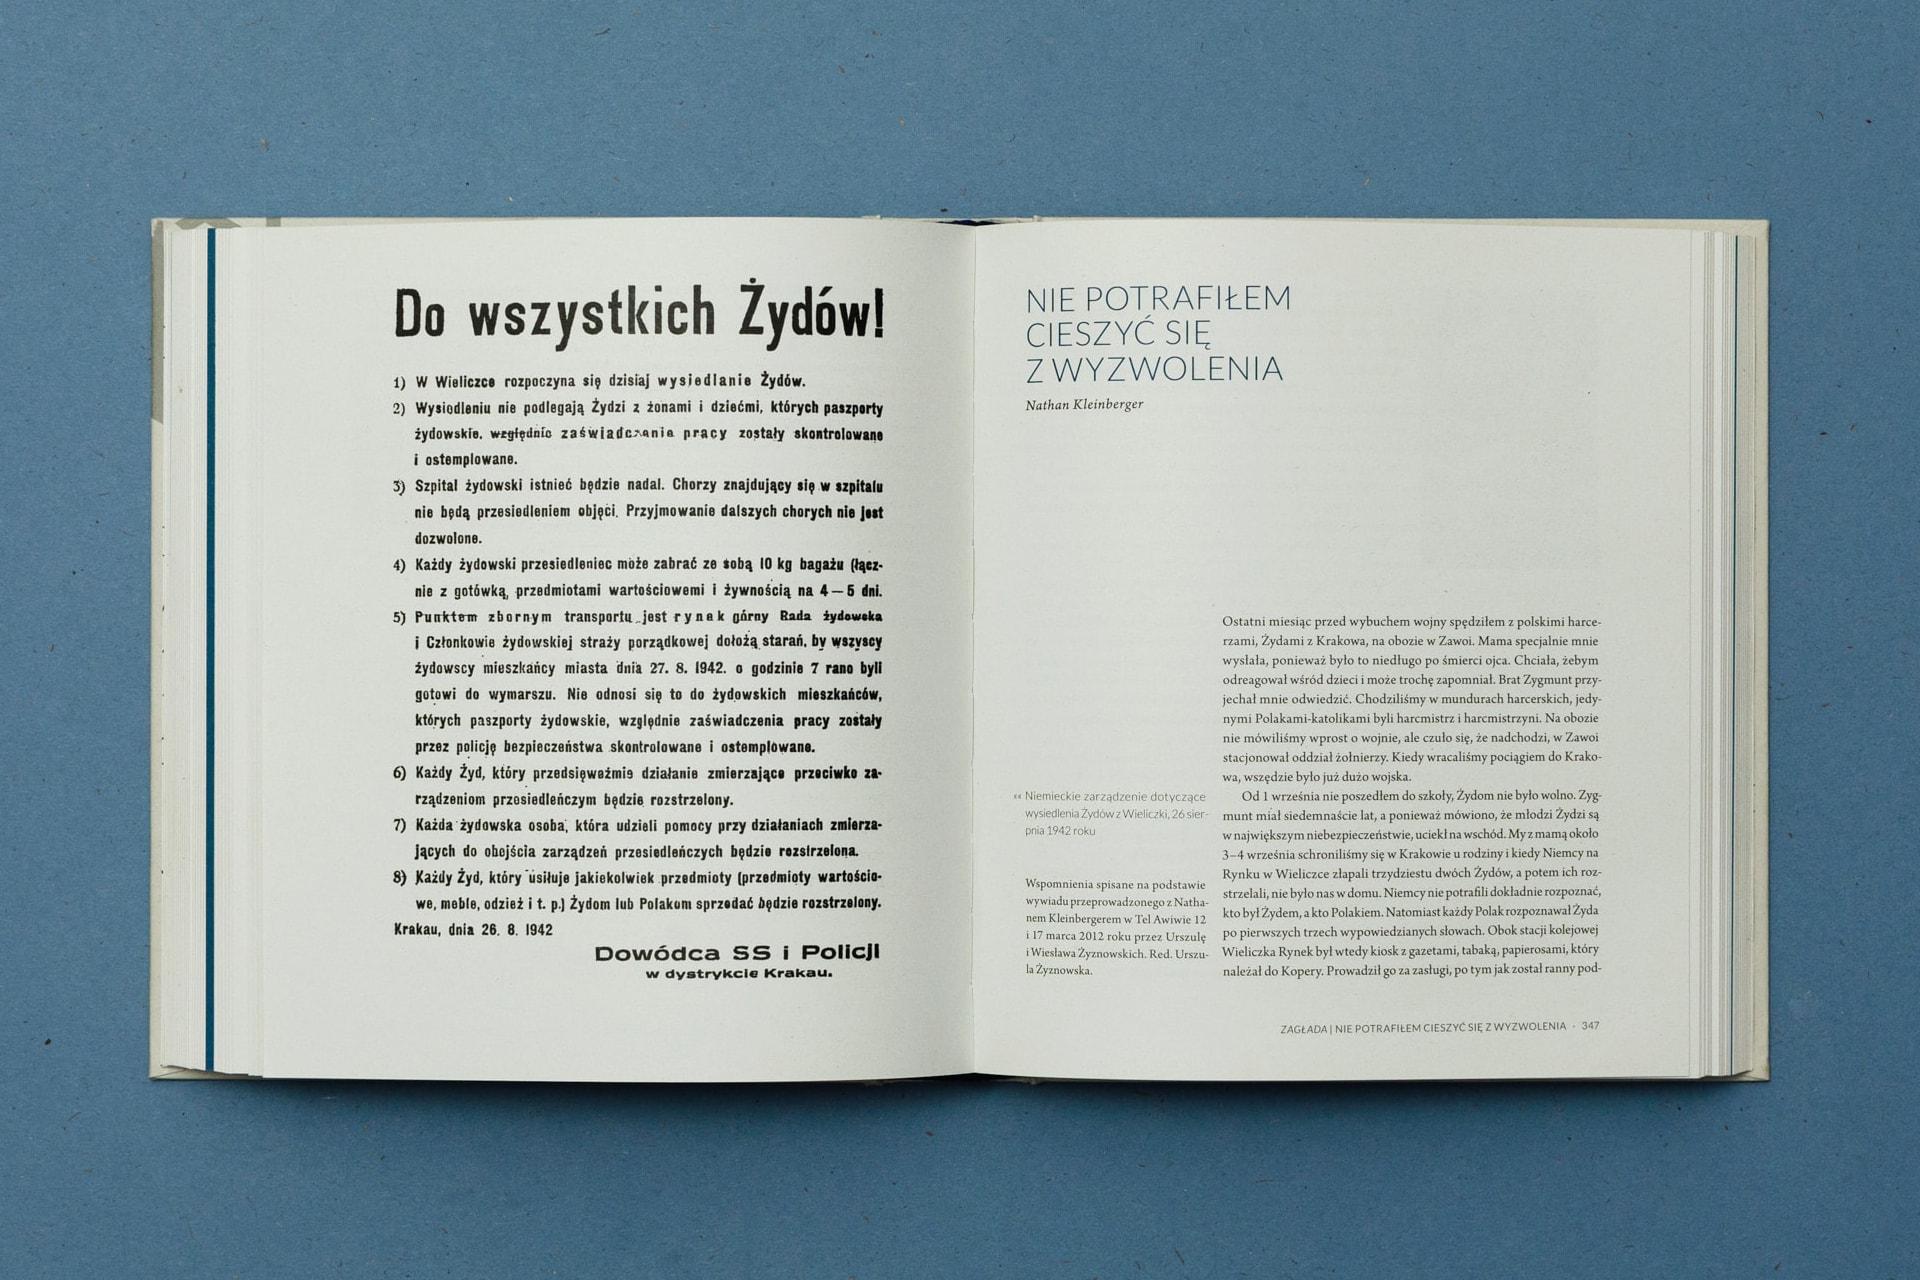 www.zyznowski.pl - Żydzi Wieliczki iKlasna 1872–2012. Teksty ifotografie - wnętrze_3